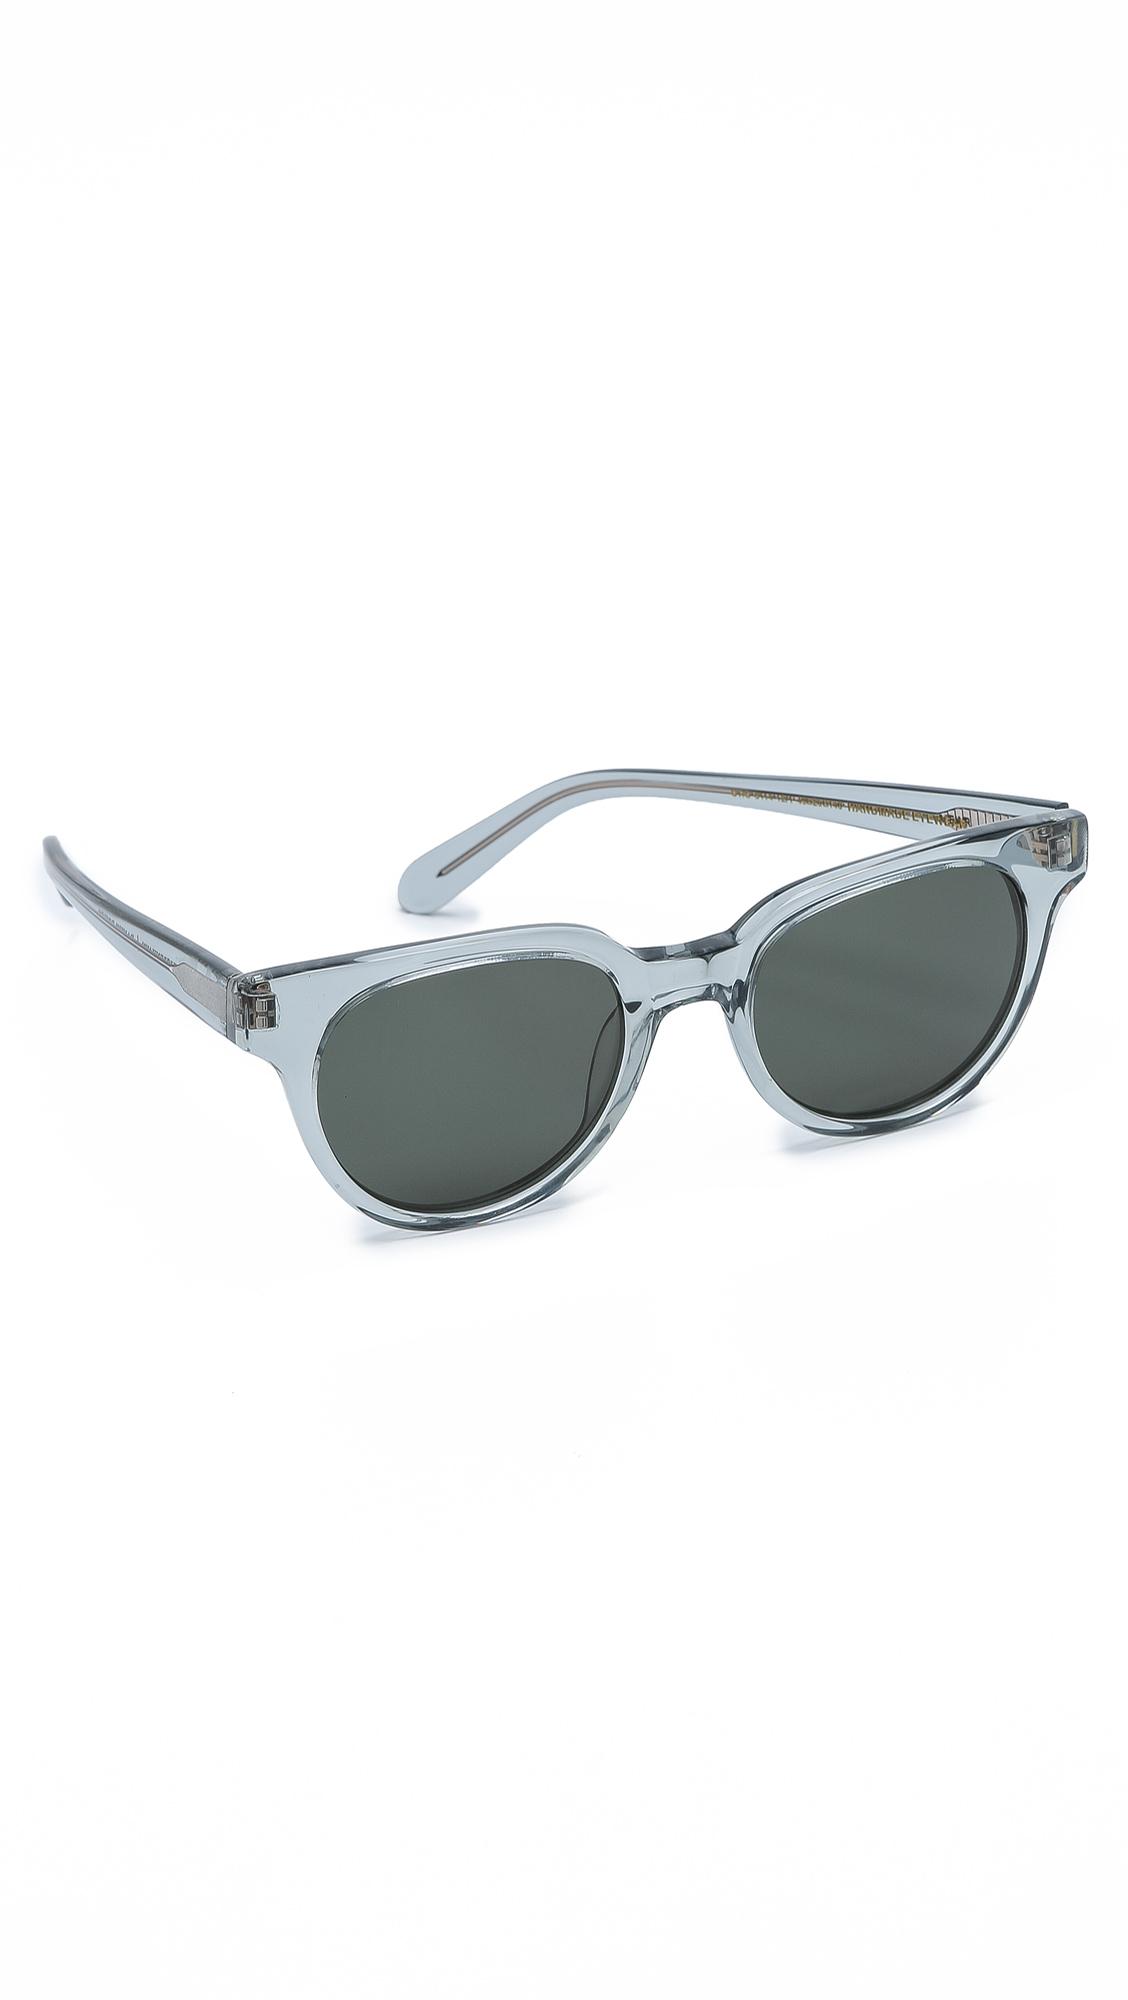 Han Kjobenhavn State Sunglasses in Grey/Black (Grey) for Men